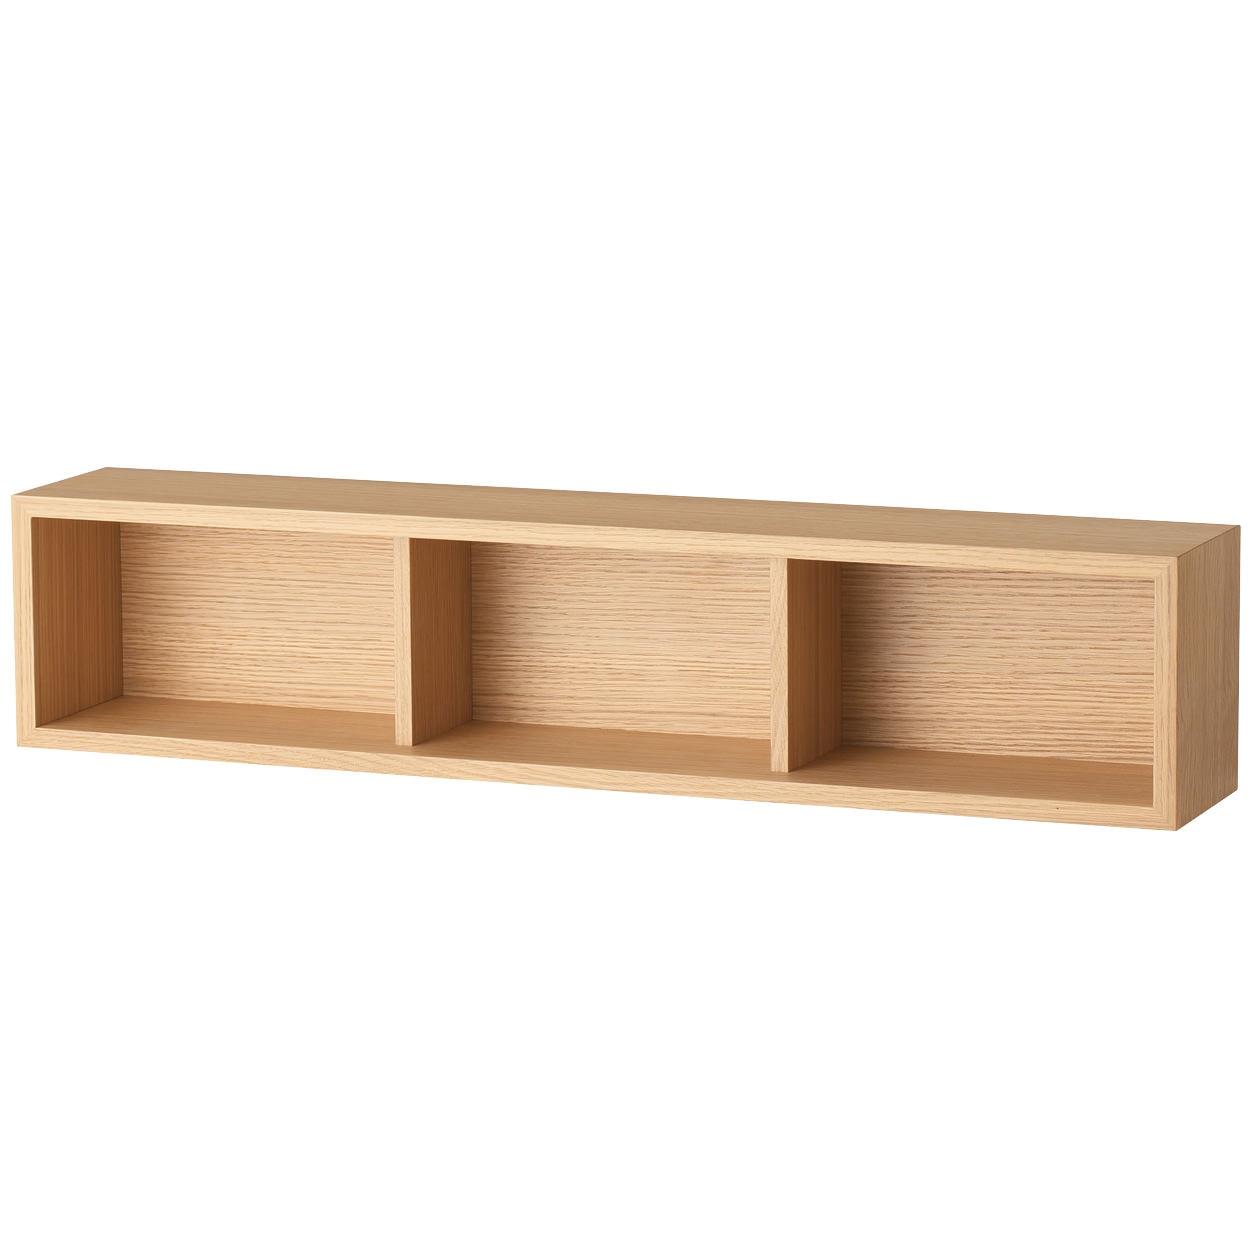 壁に付けられる家具・箱・幅88cm・オーク材